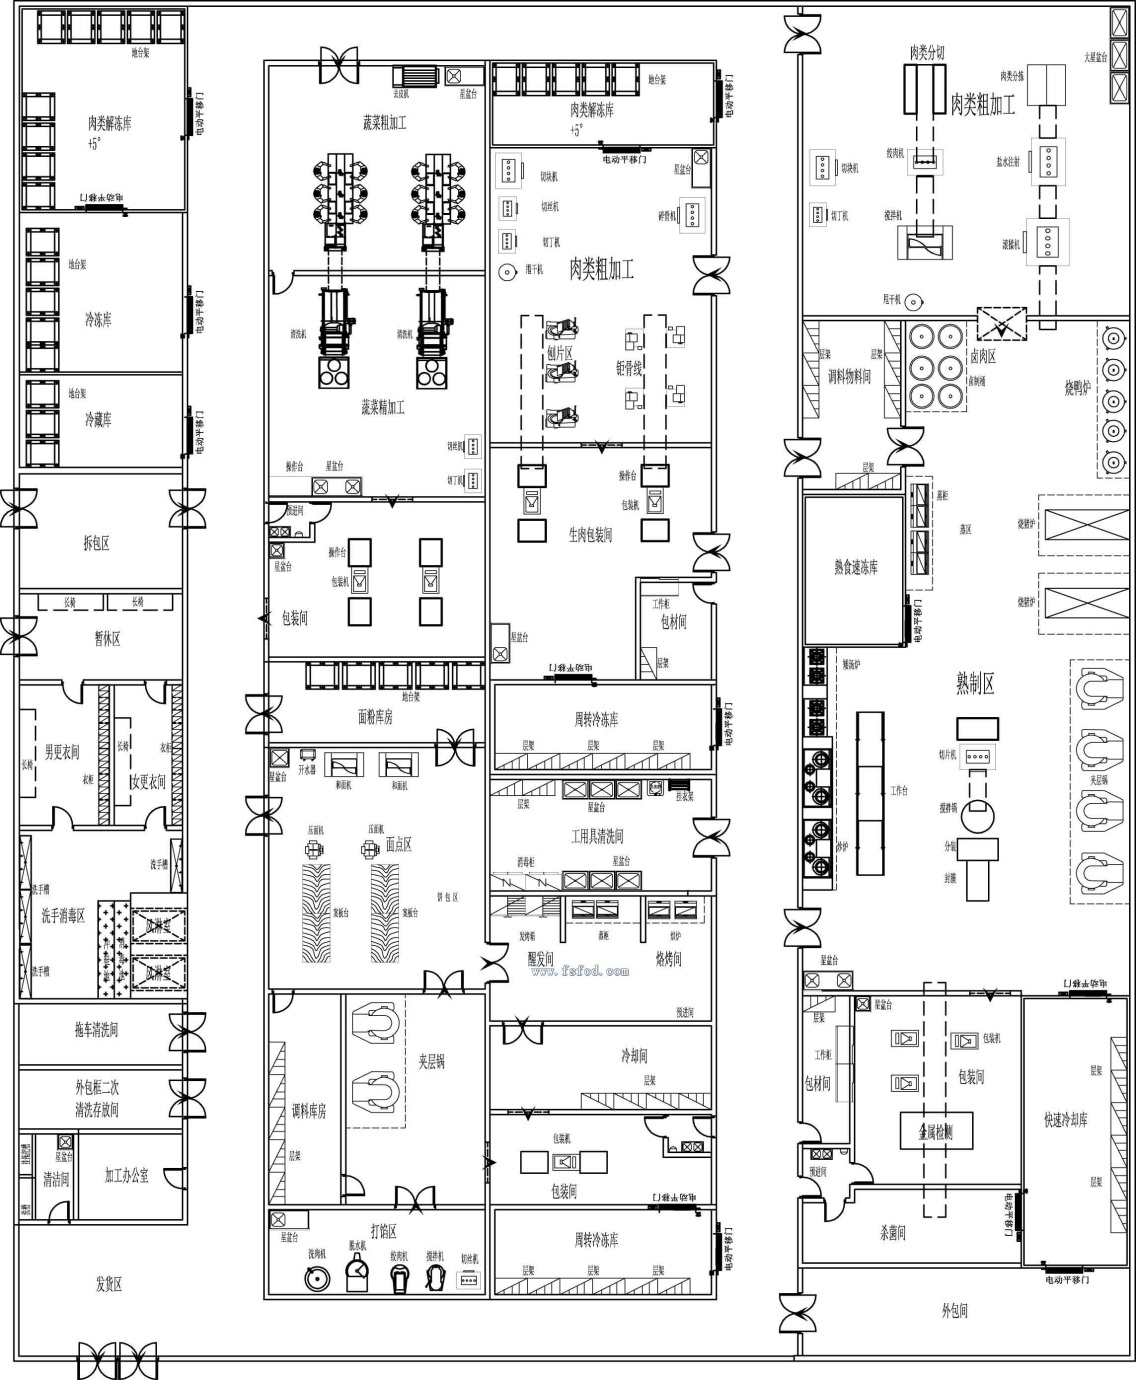 中央厨房平面设计规划方案图